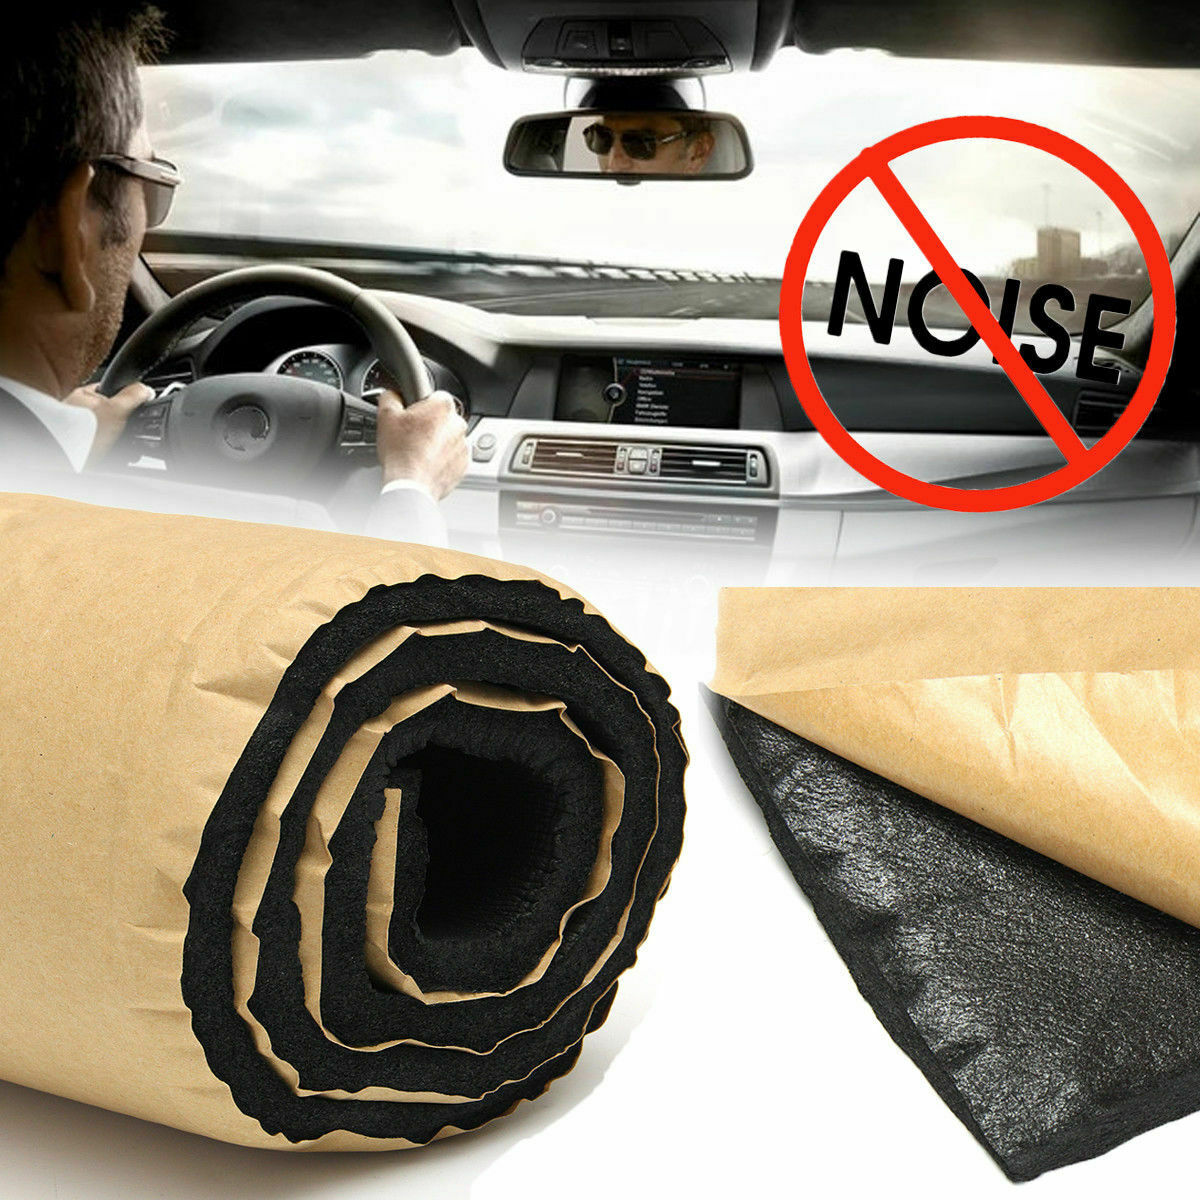 10mm 1m*1m Car Soundproof Noise Insulation Sound Deadener Acoustic Foam Material